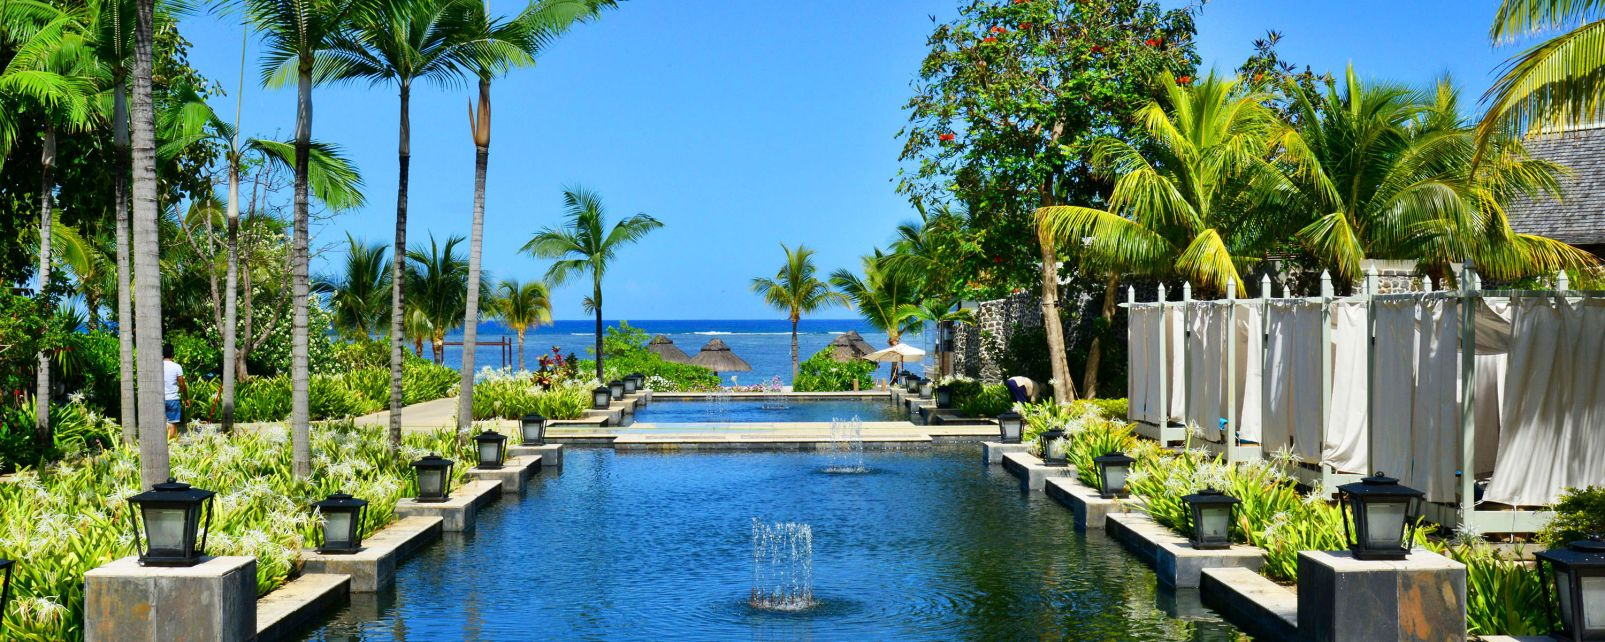 Hôtel The St. Regis Mauritius Resort